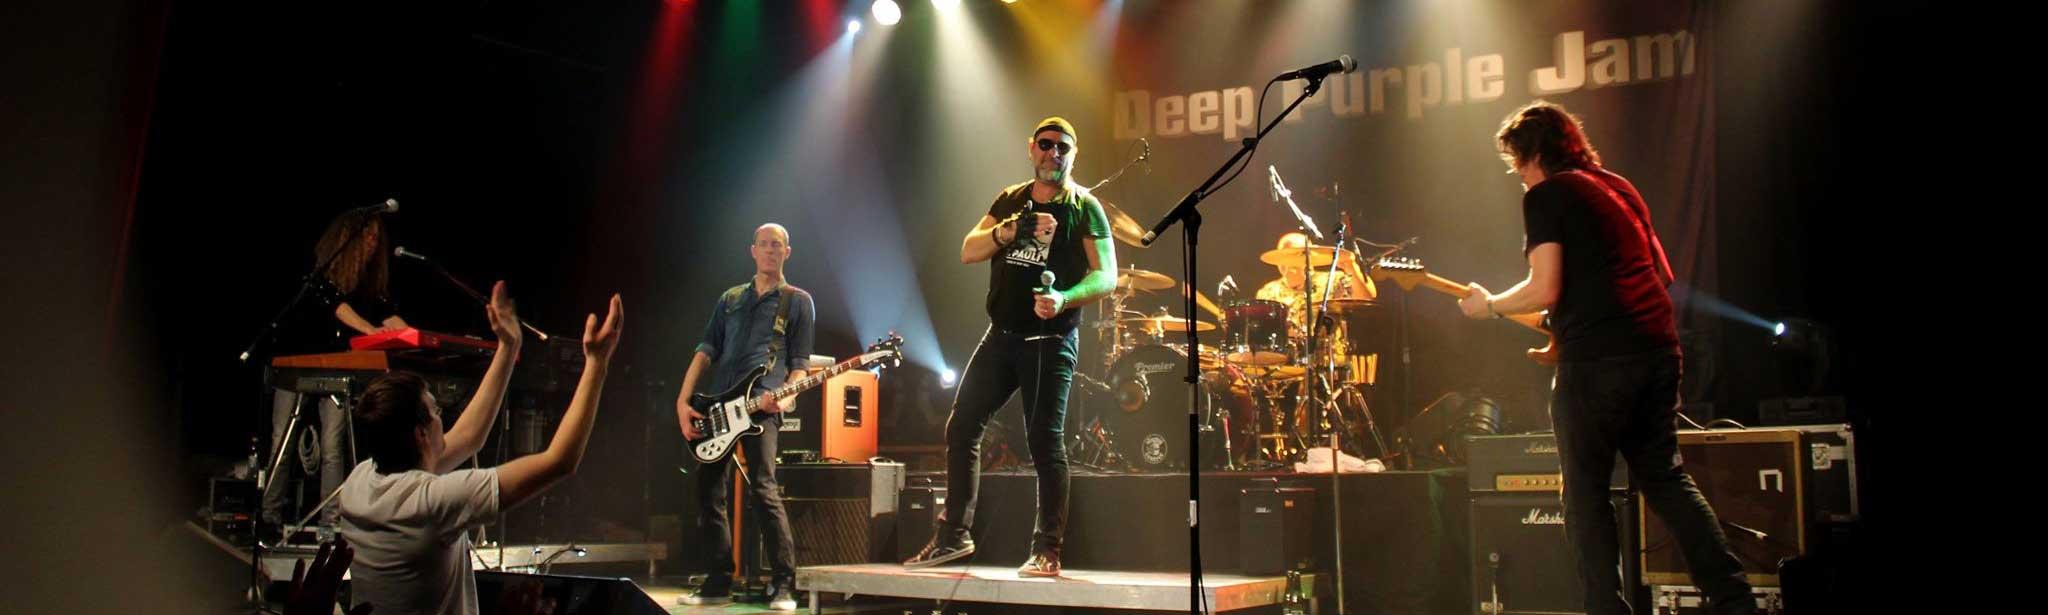 Deep Purple Jam - Live